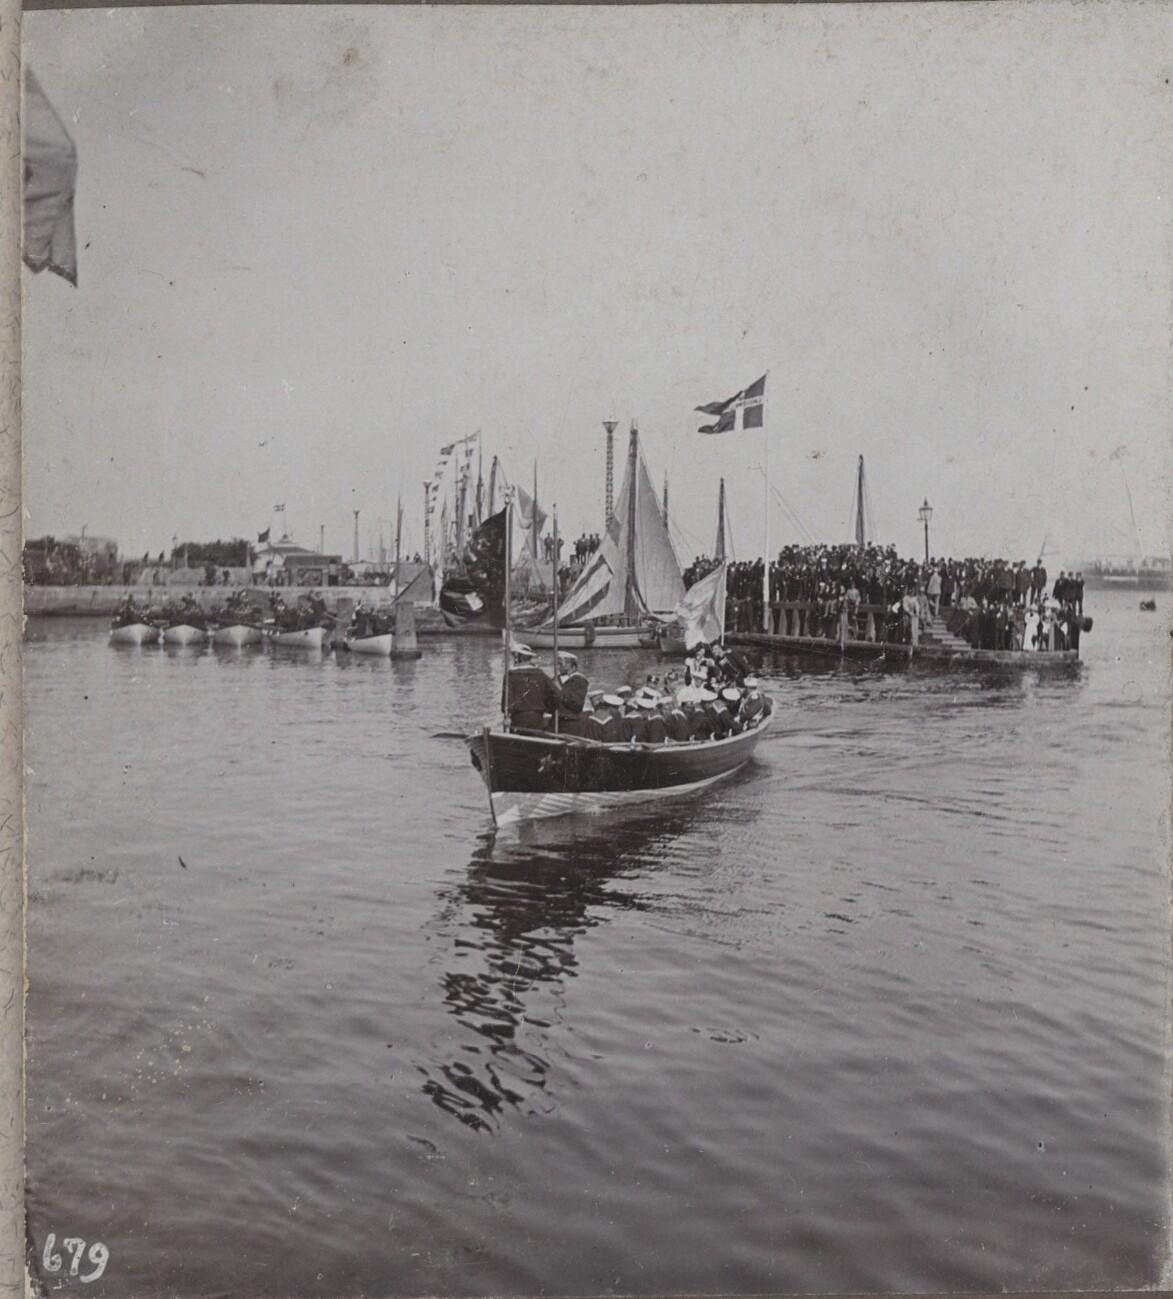 1896. Прибытие Императора Николая II в Копенгаген (1)